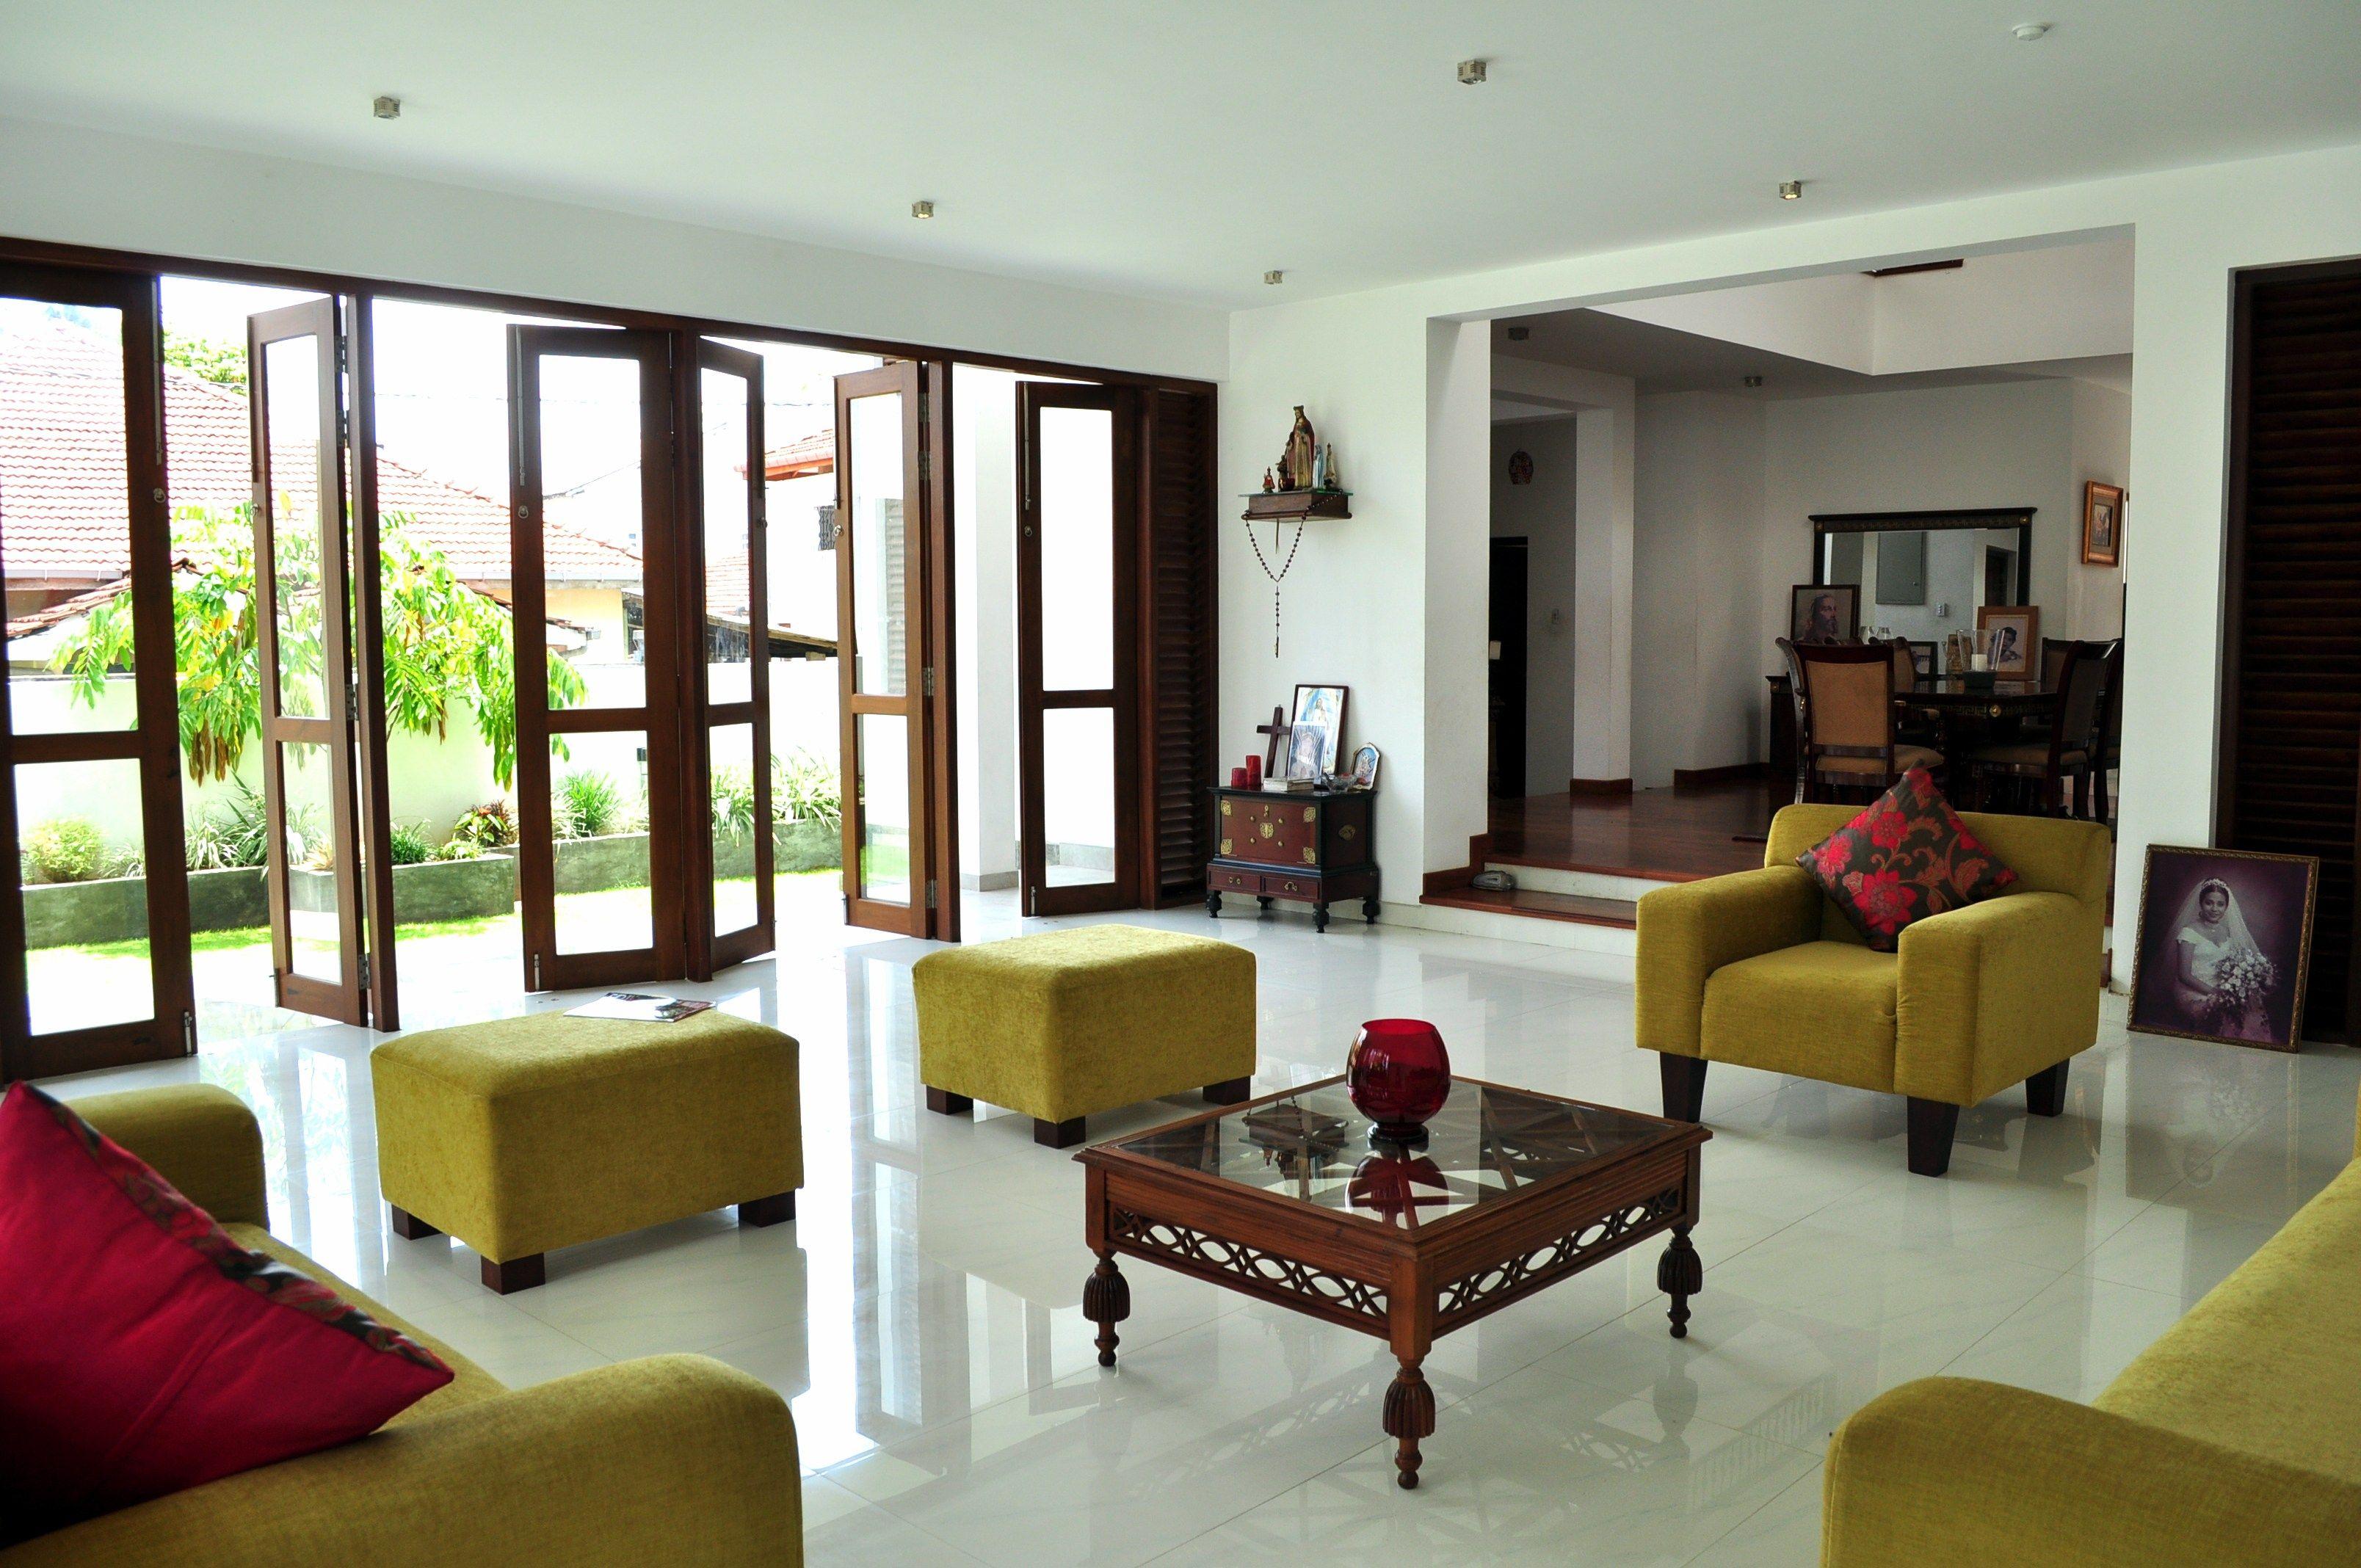 Door Window Designs In Sri Lanka Peytonmeyer Net Door And Window Design Window Design Windows And Doors